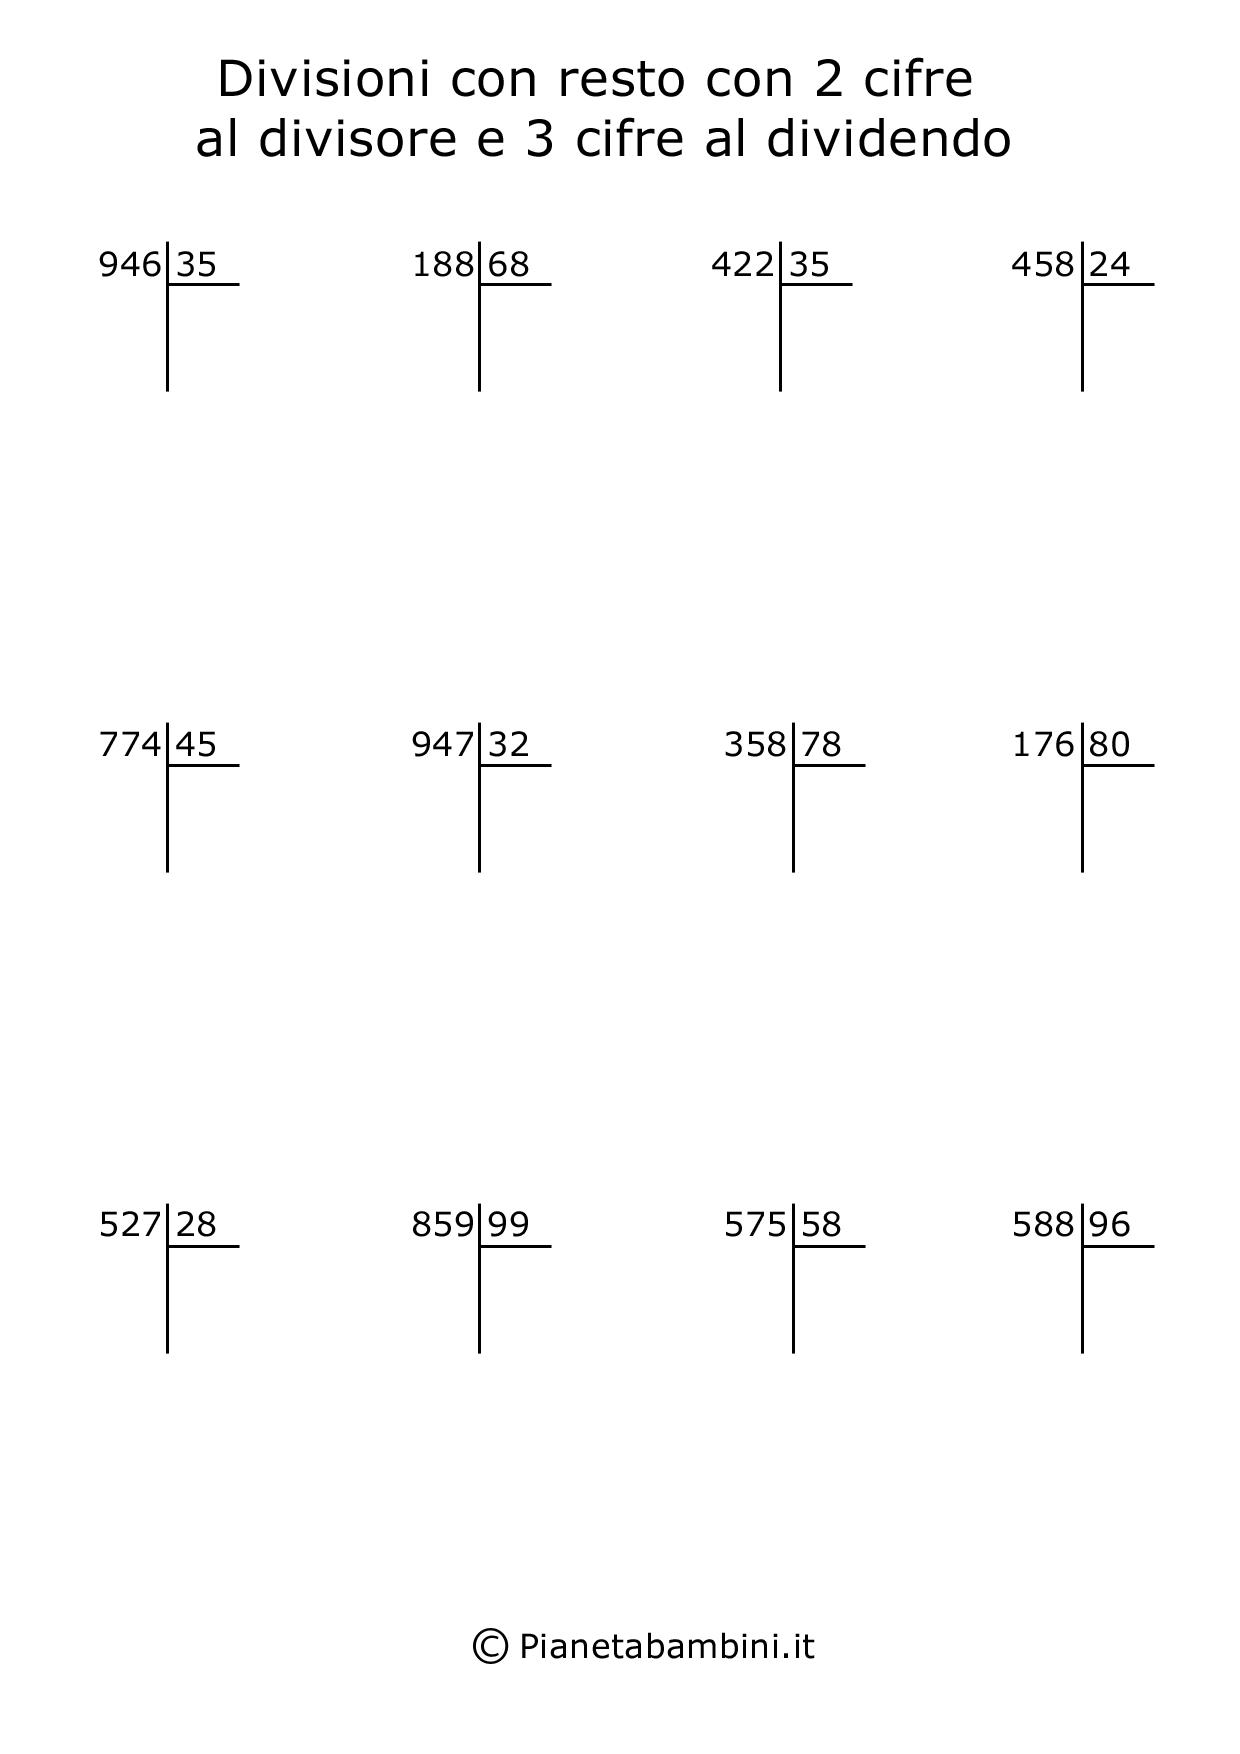 Divisioni-2-Cifre-2X3-Con-Resto_03